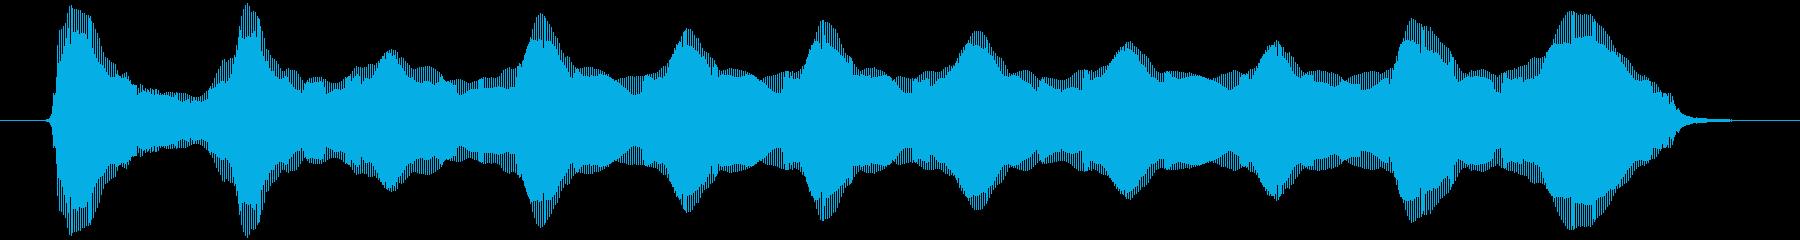 ロングプラスチックブローホーン:ス...の再生済みの波形